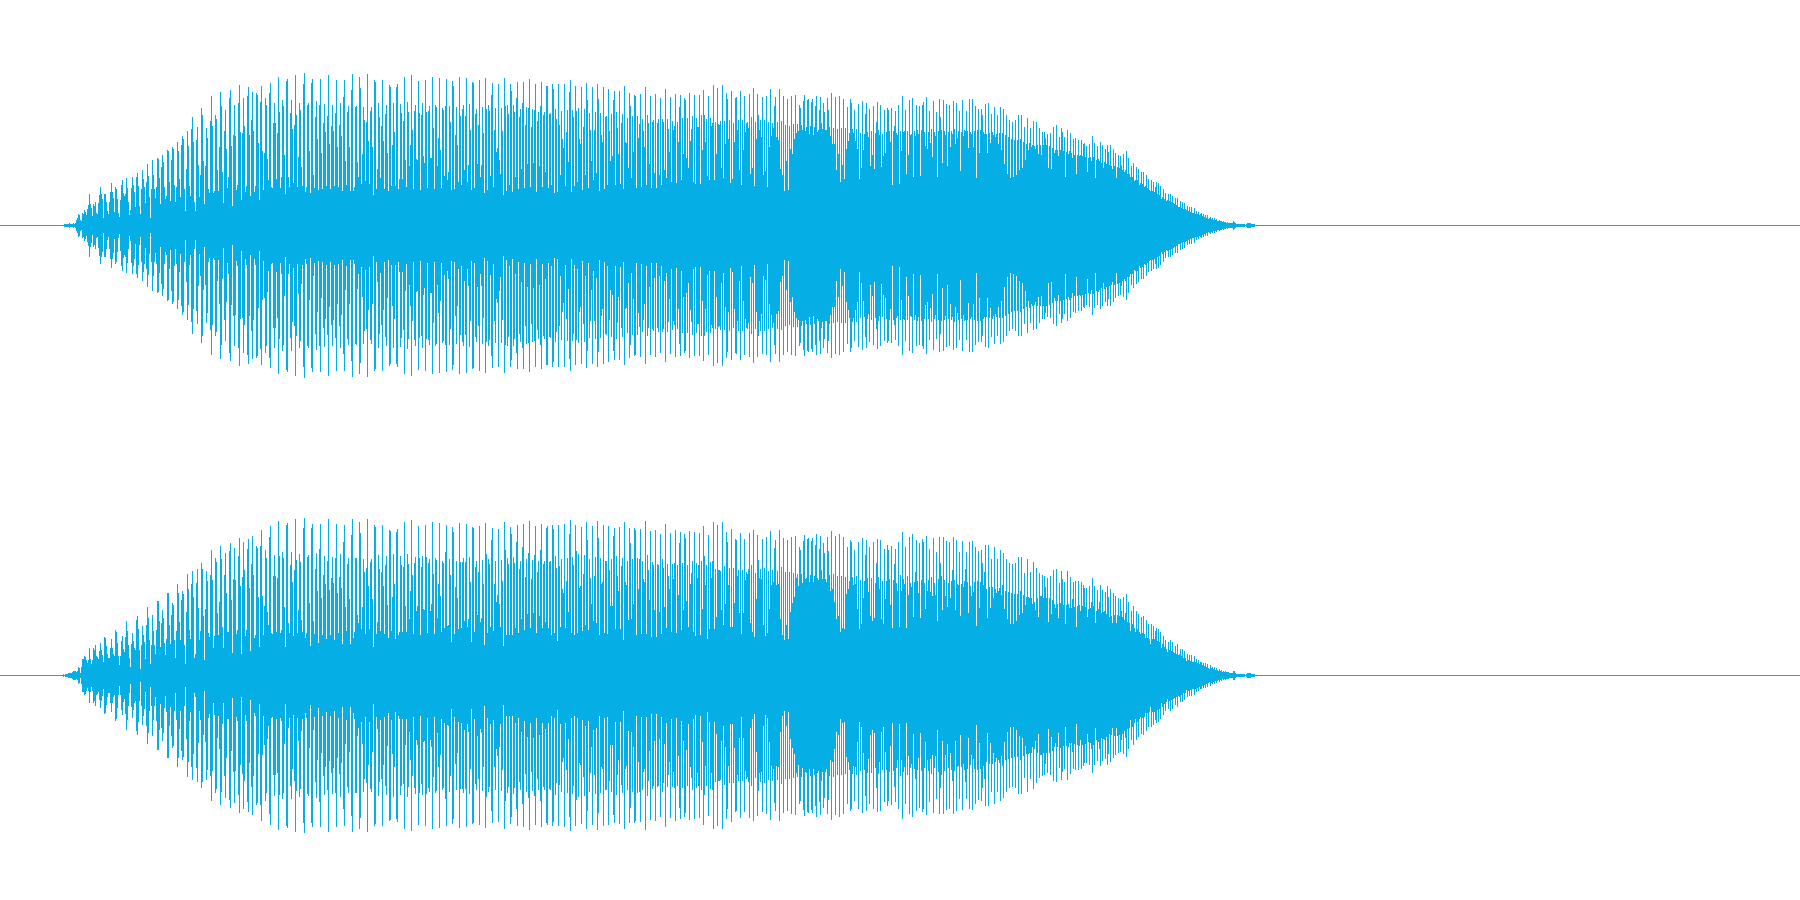 ピュン(高音のキャンセル音)の再生済みの波形